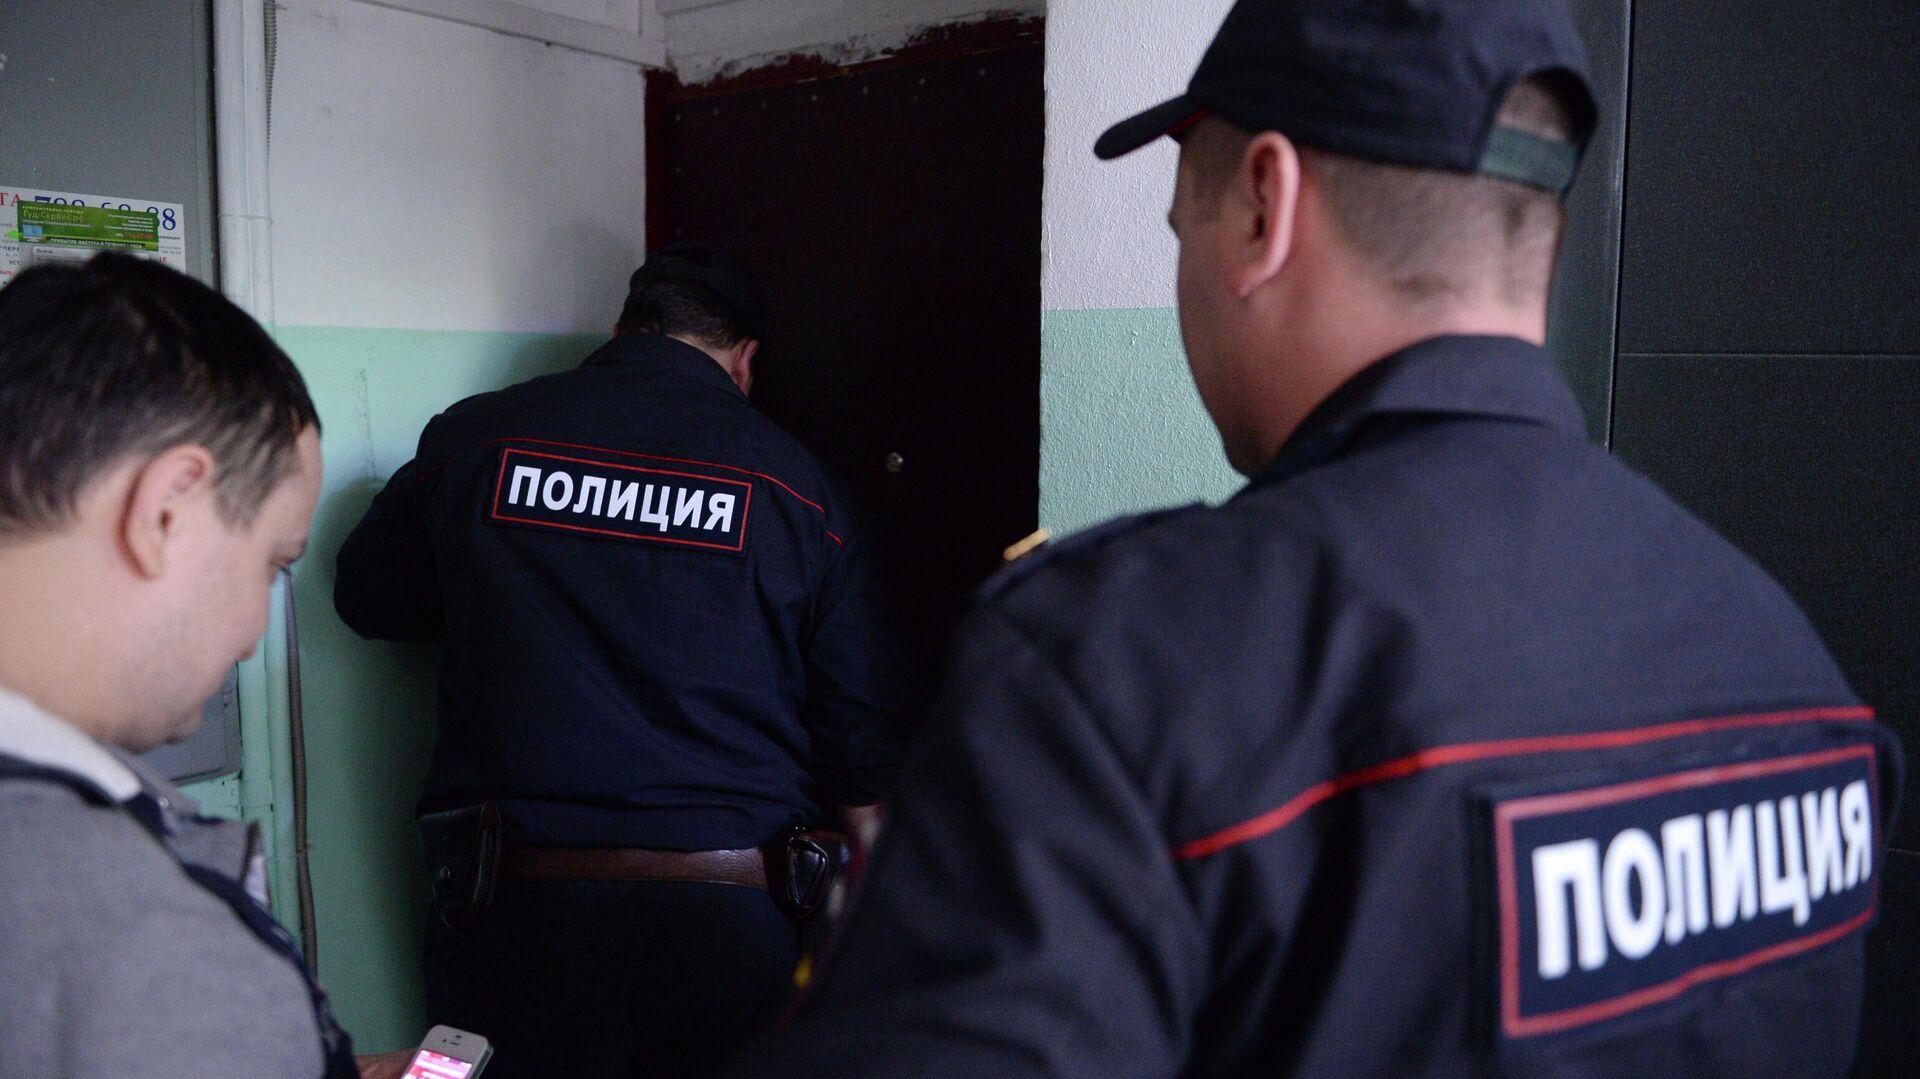 Сотрудники полиции стоят у двери квартиры в жилом доме - РИА Новости, 1920, 03.10.2020